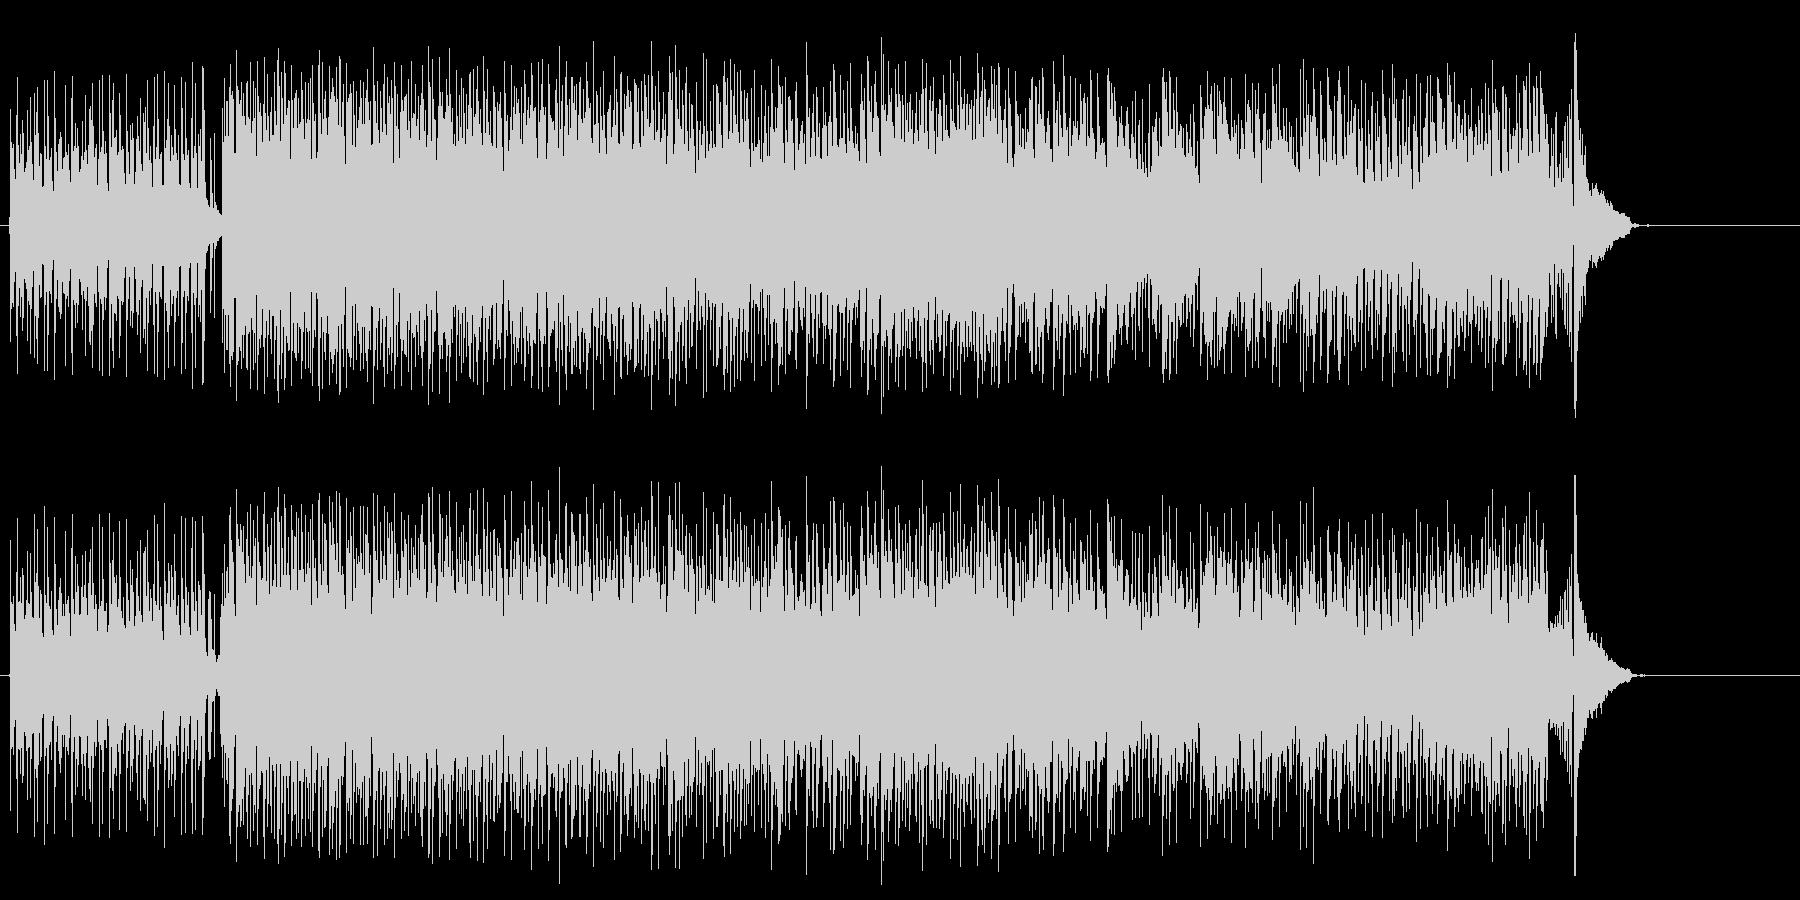 無機質なエレクトリック・ポップスの未再生の波形